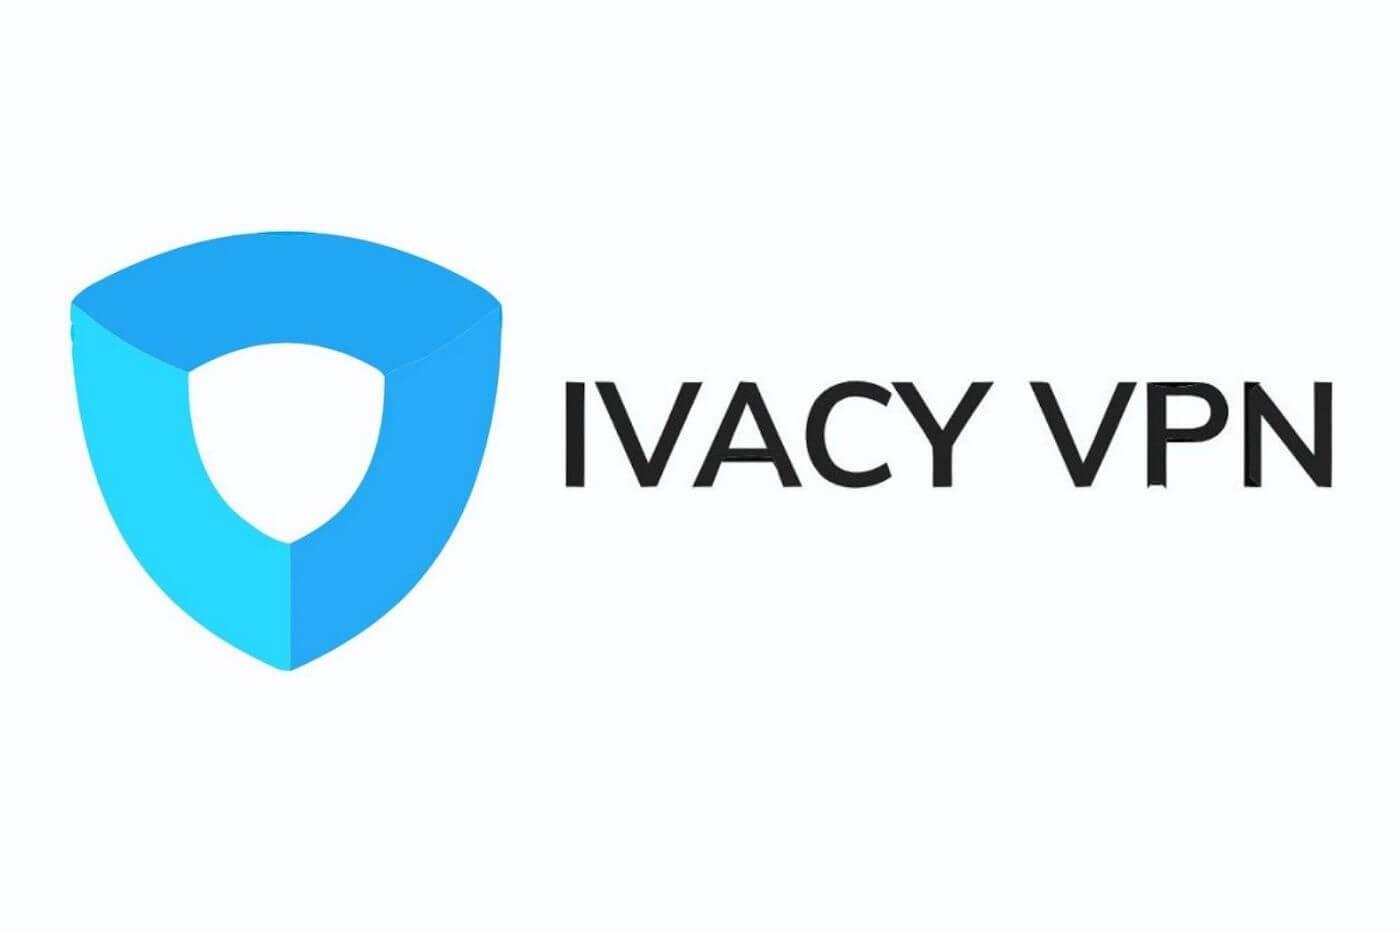 Ivacy VPN : Le VPN sécurisé à 1 € par mois